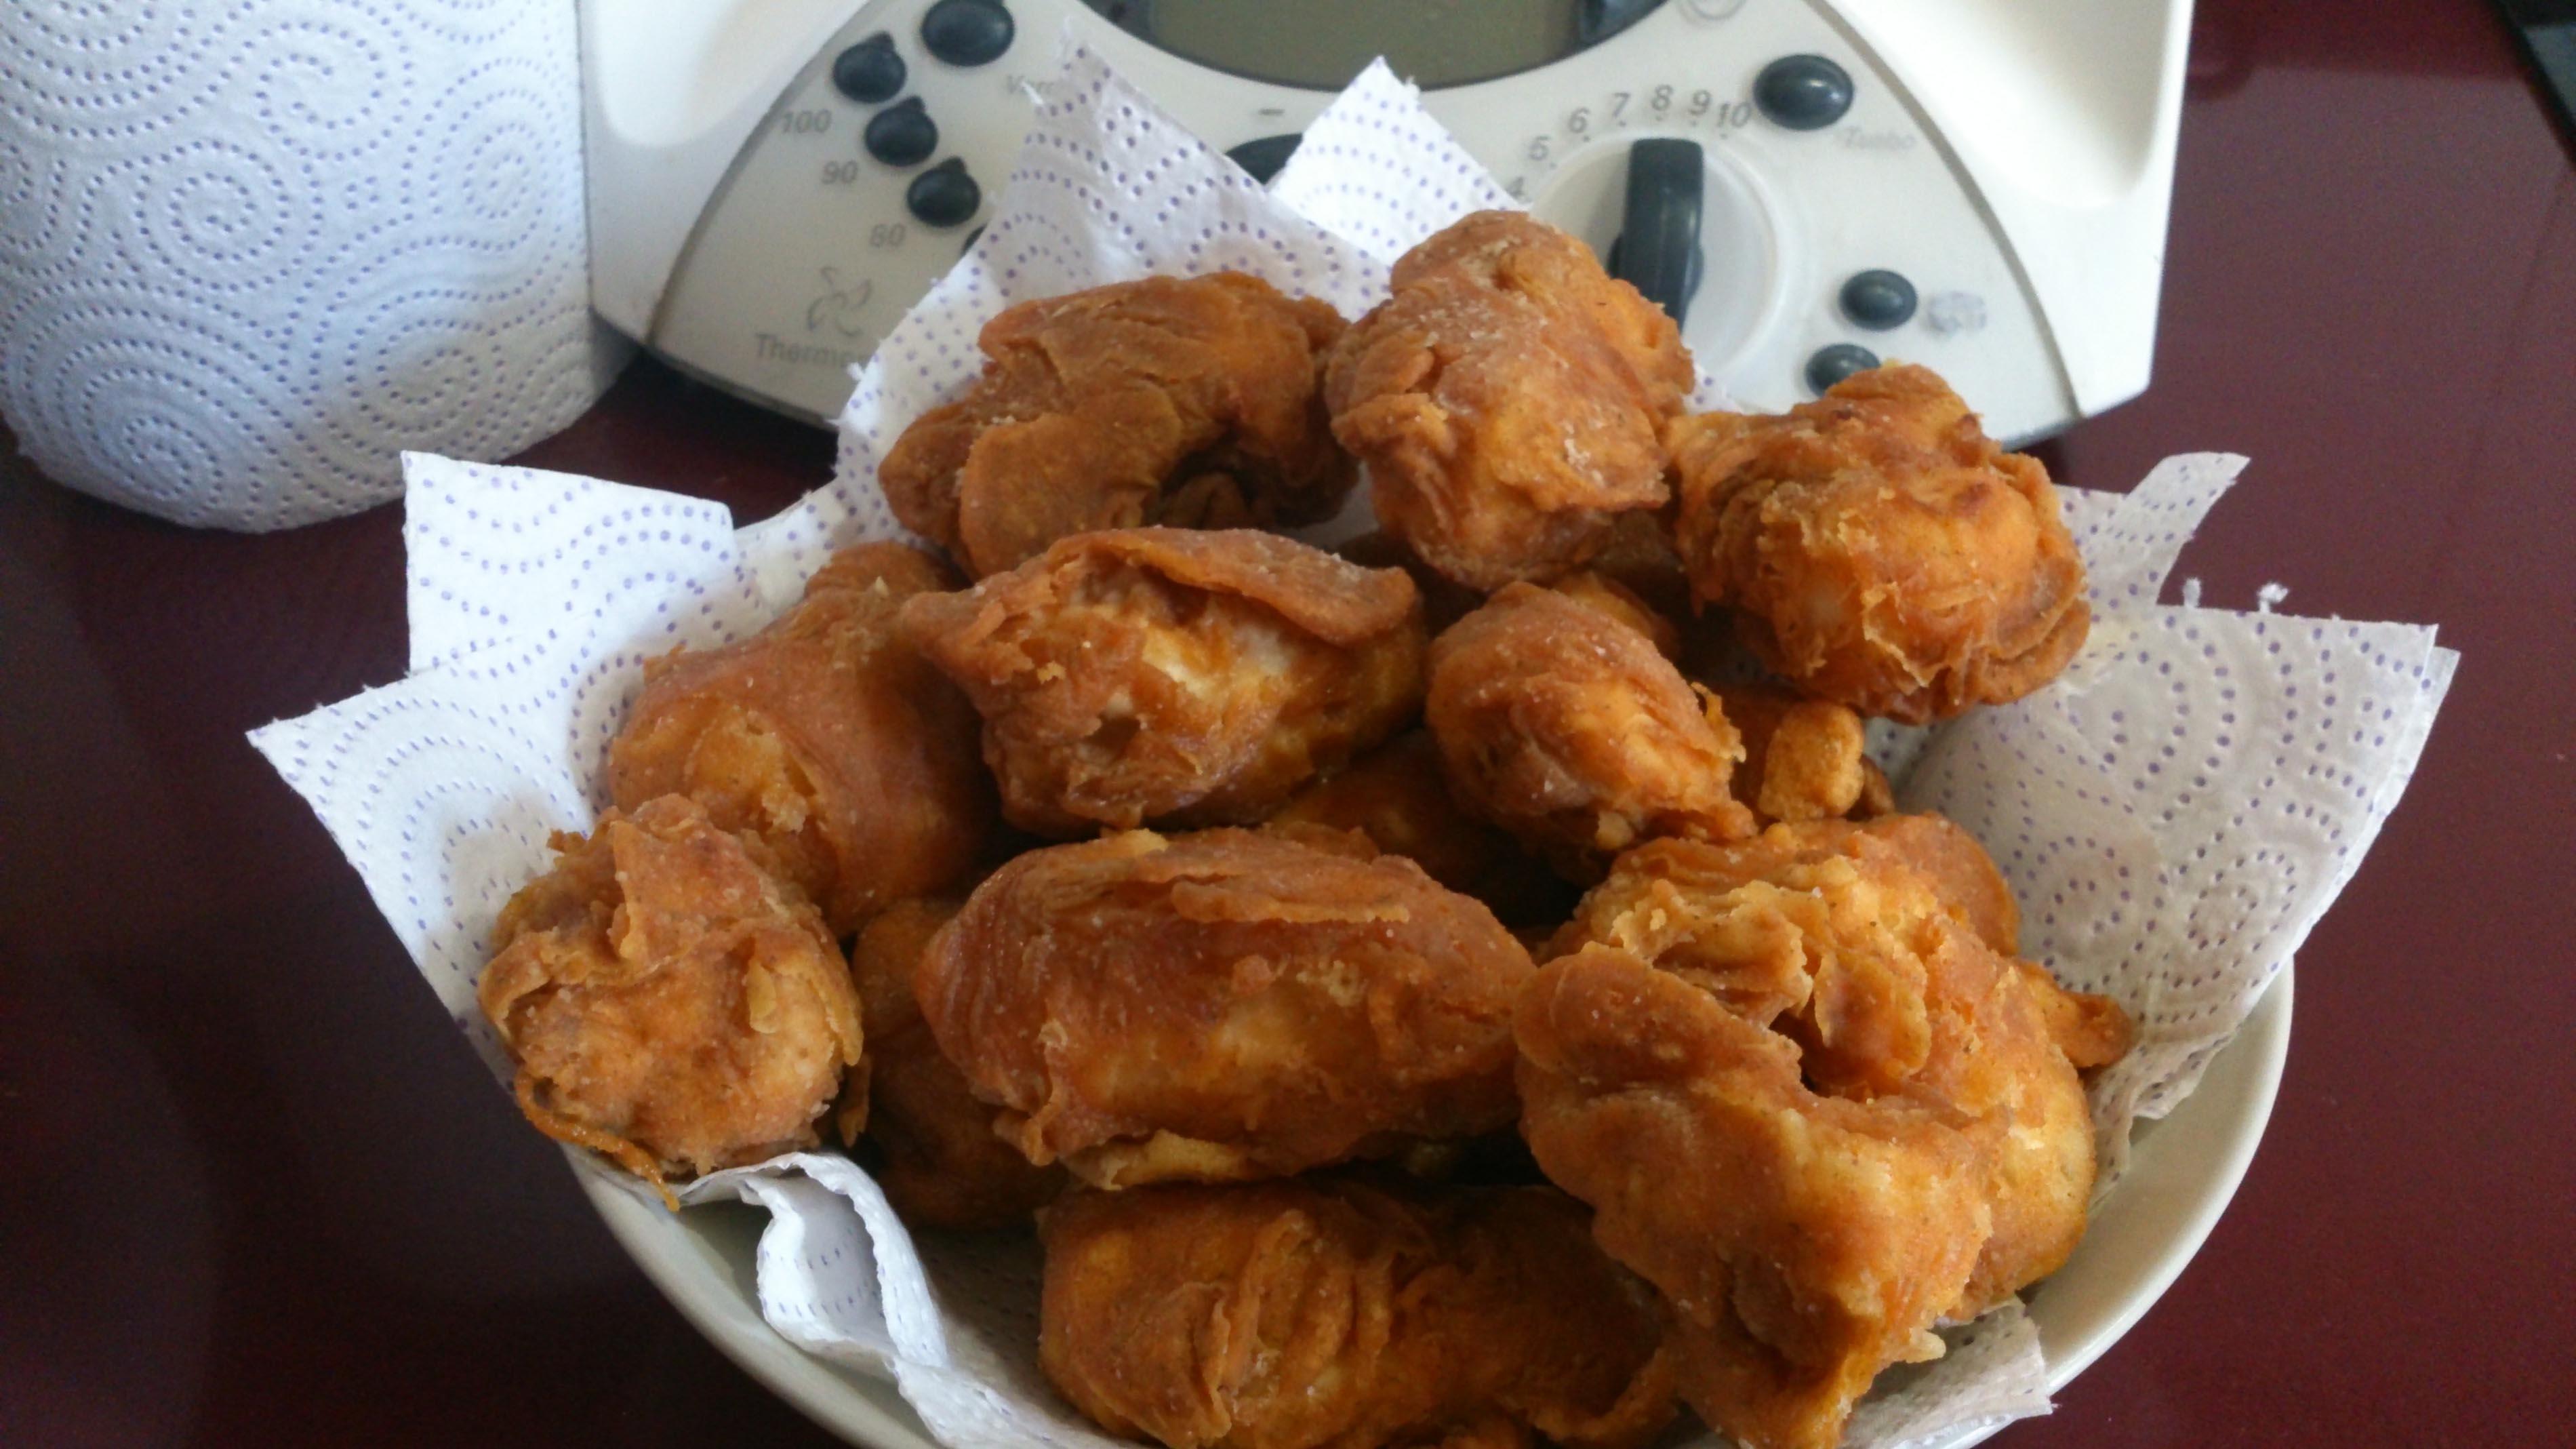 Pollo frito estilo KFC (Kentucky fried chicken)